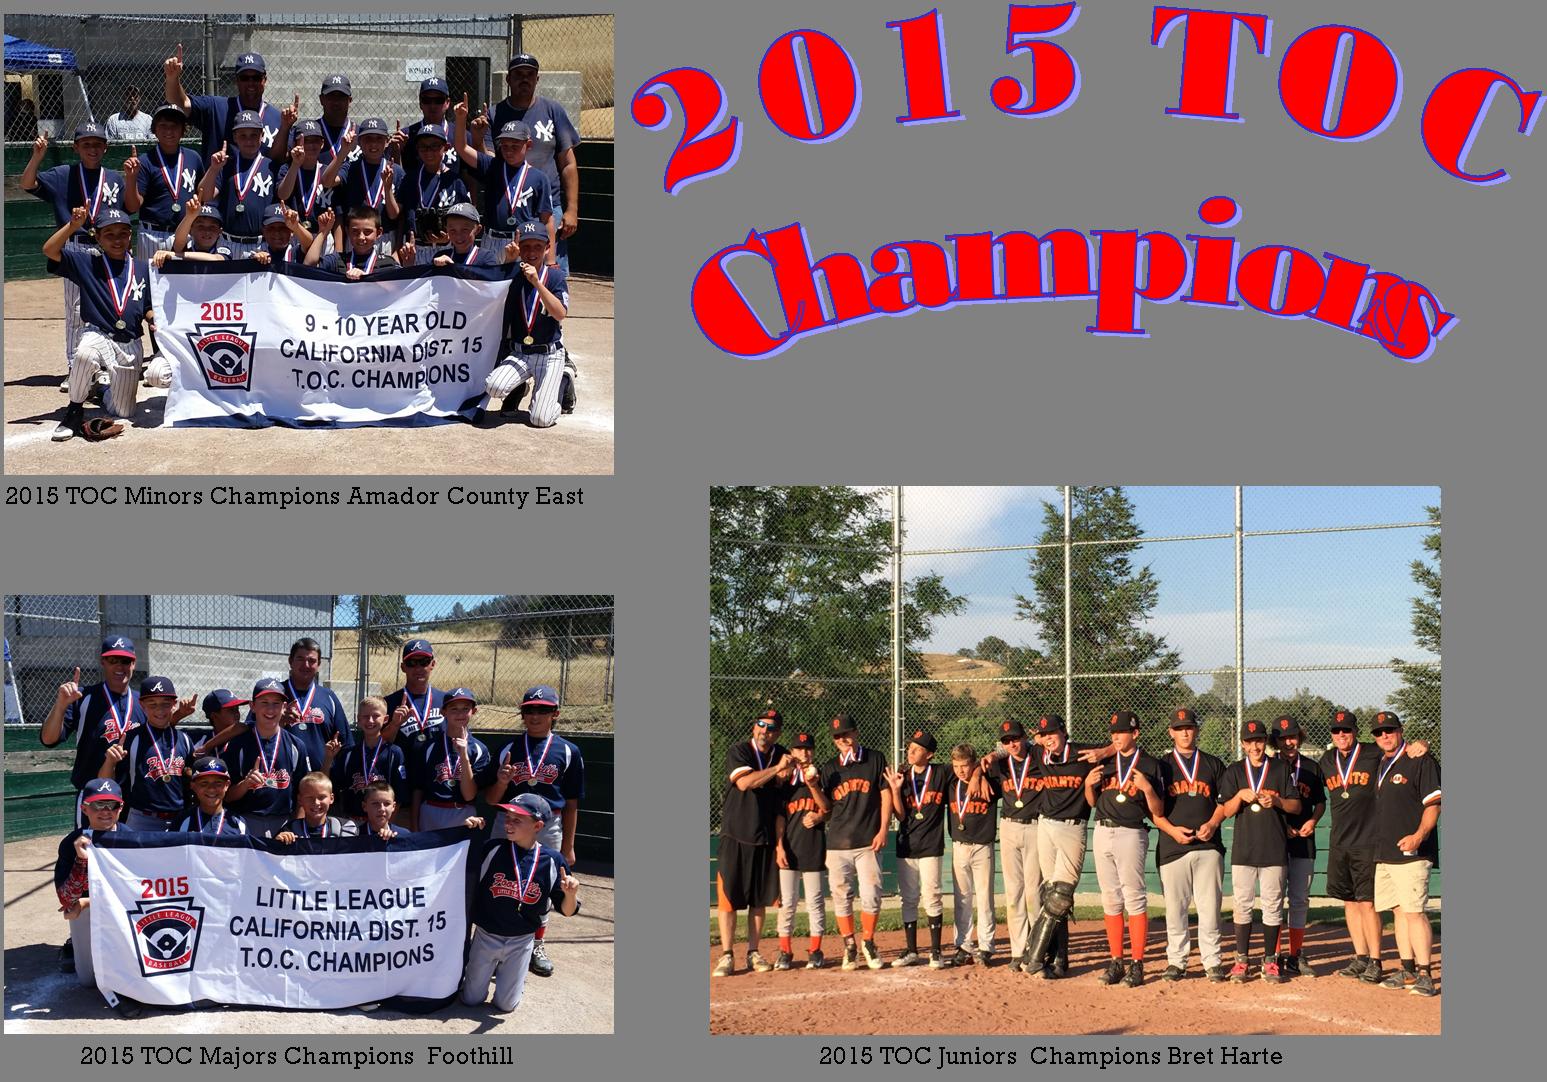 2015 TOC Champions